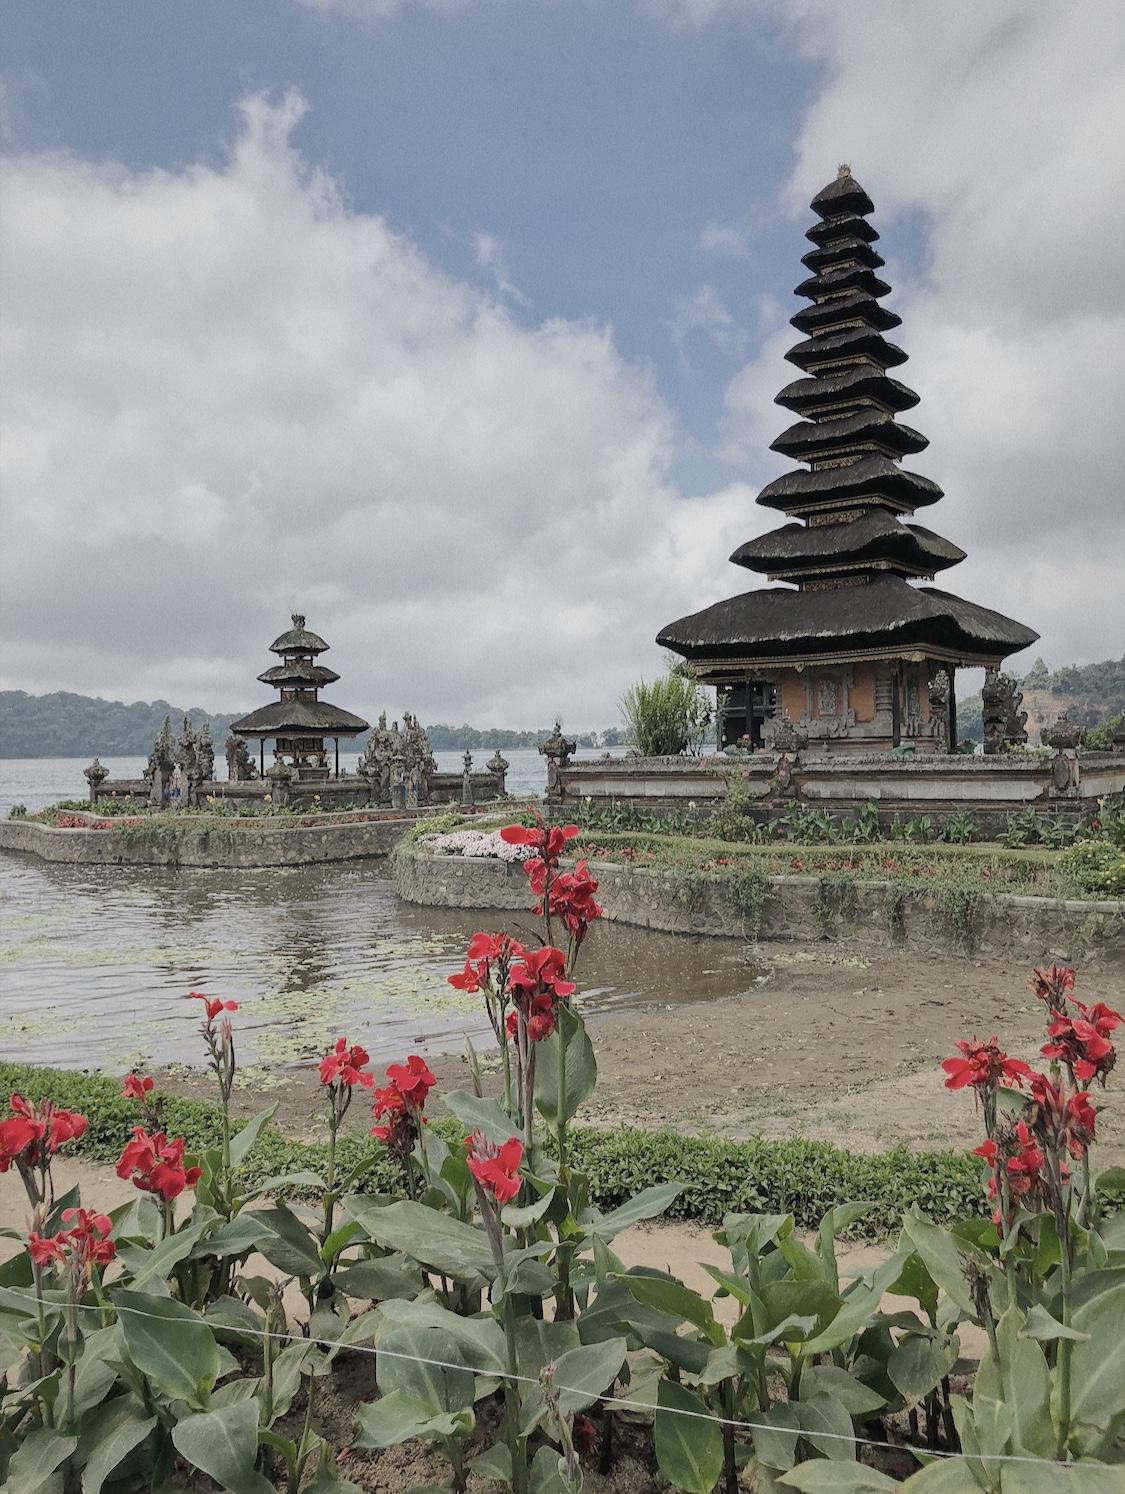 Le temple Ulun Danu Beratan